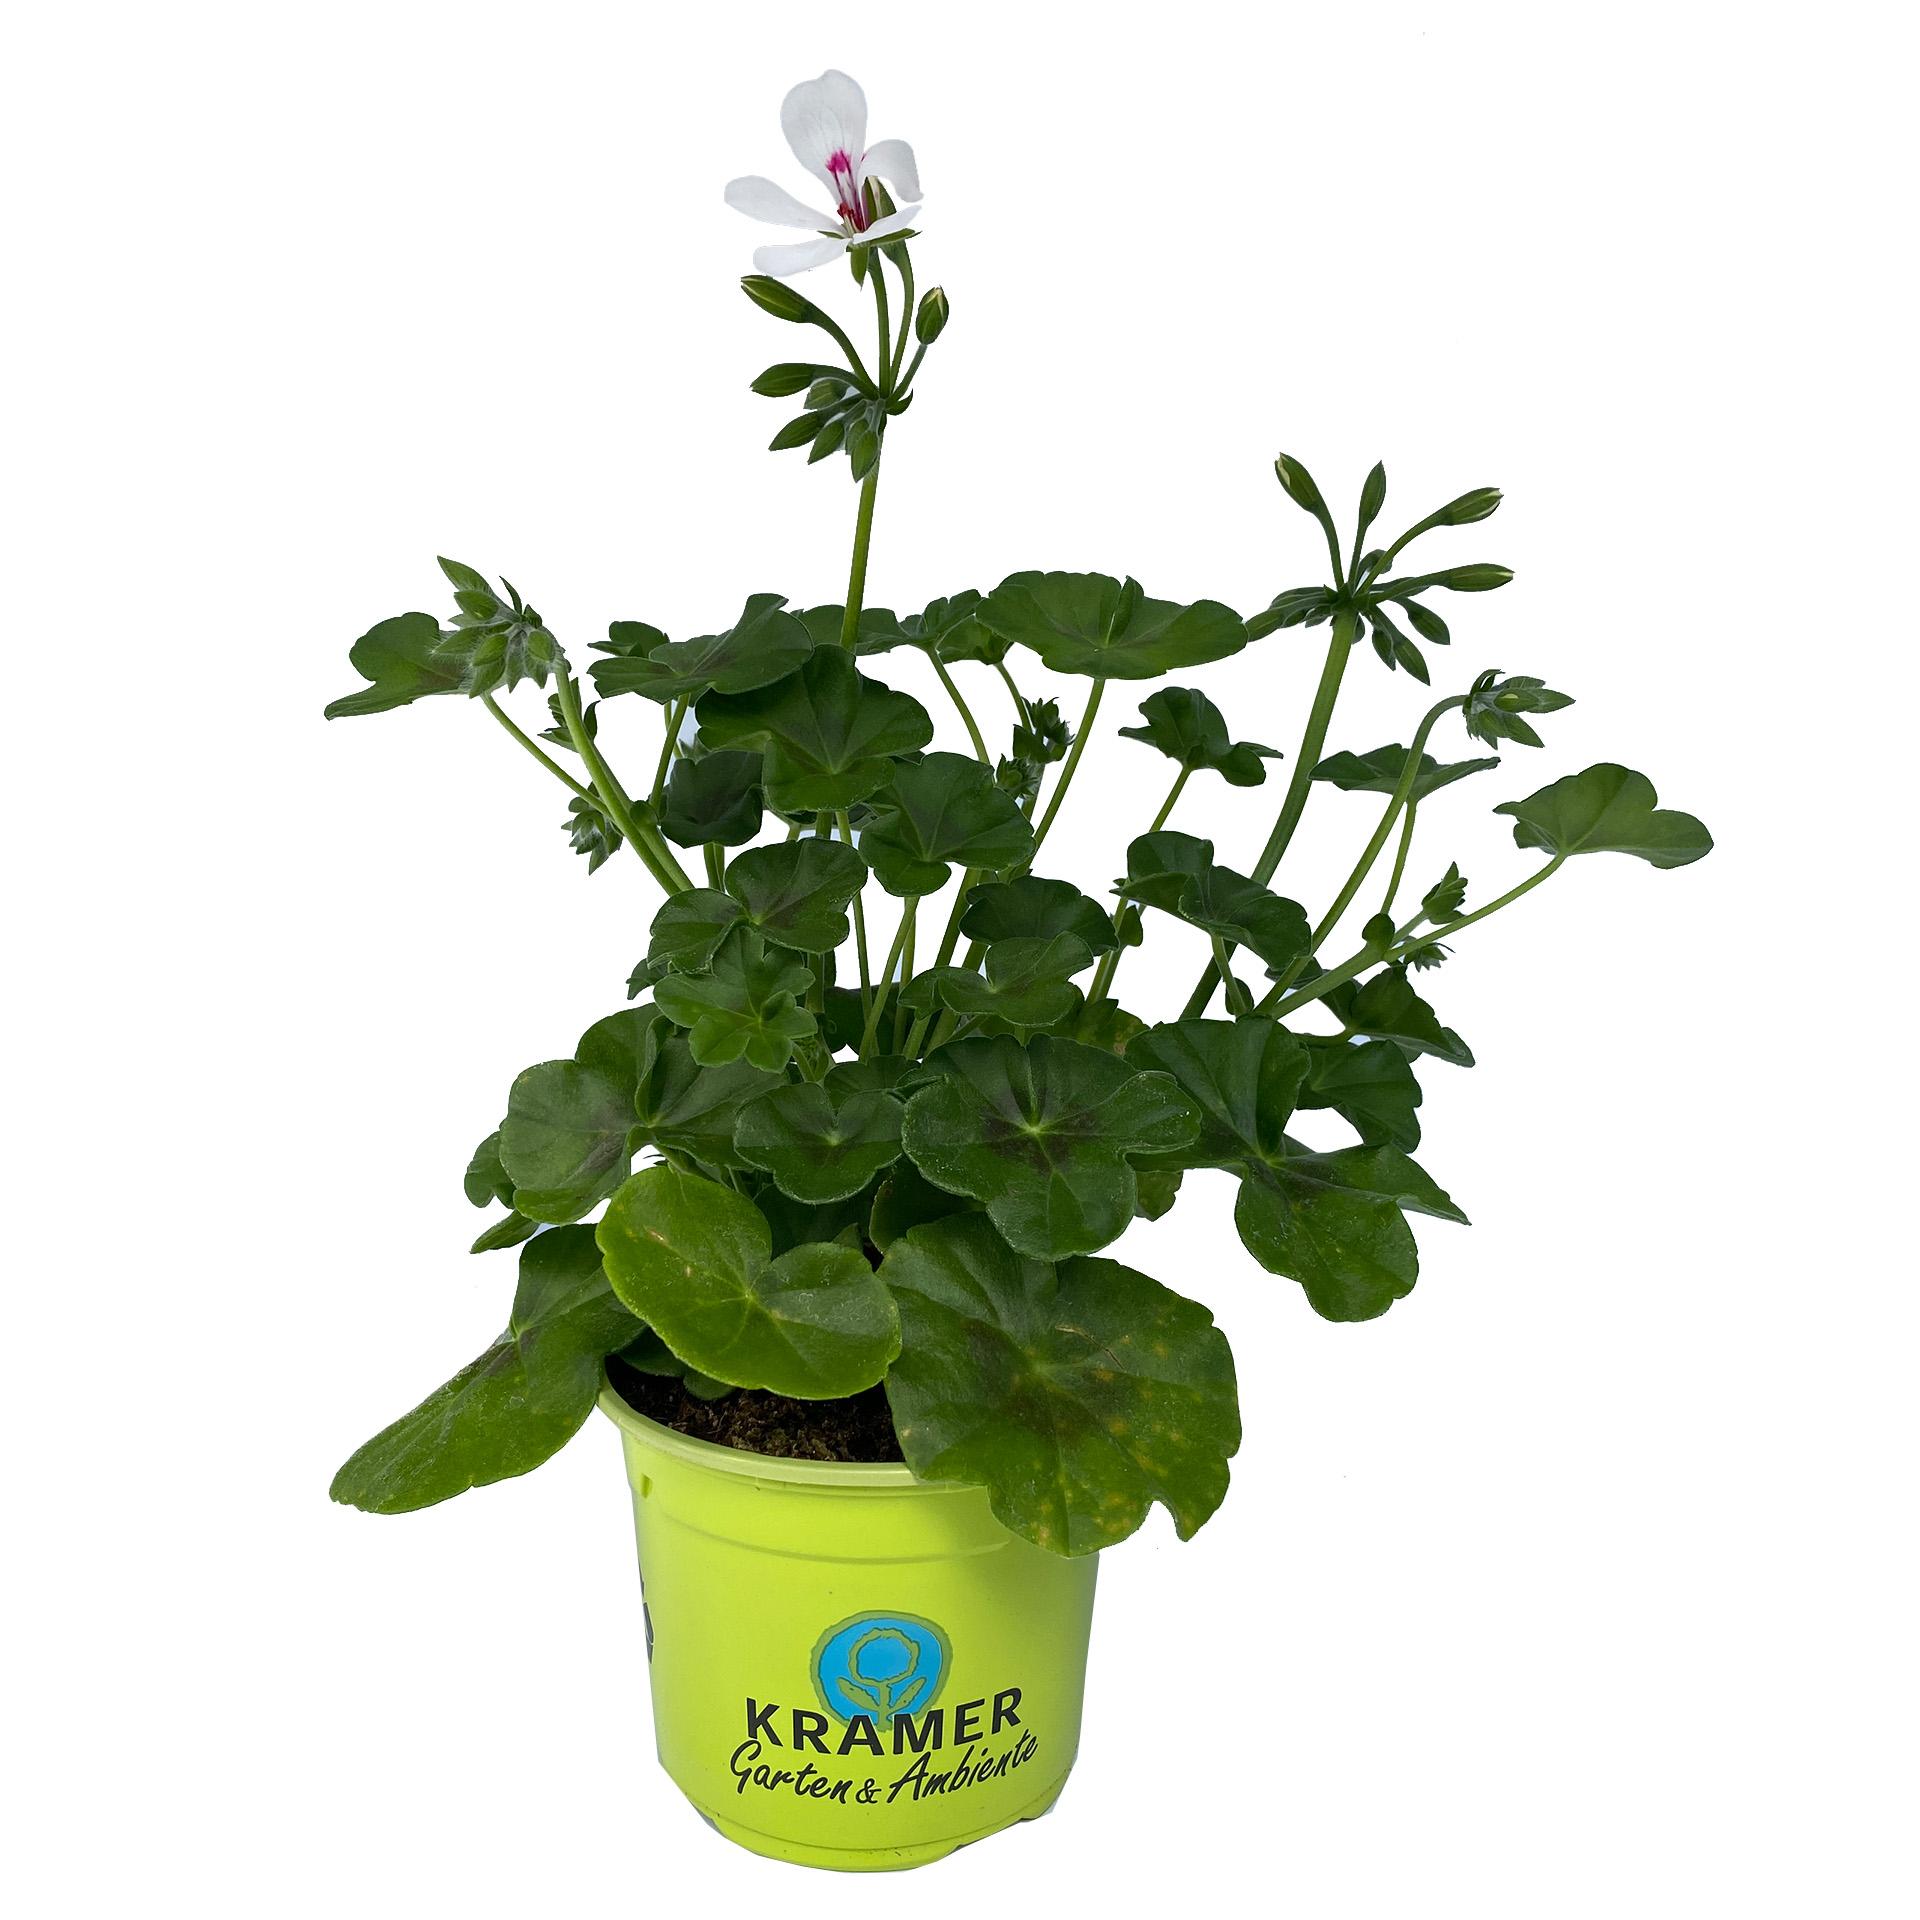 Geranie hängend - Pelargonium peltatum 'Rainbow White', 12cm Topf